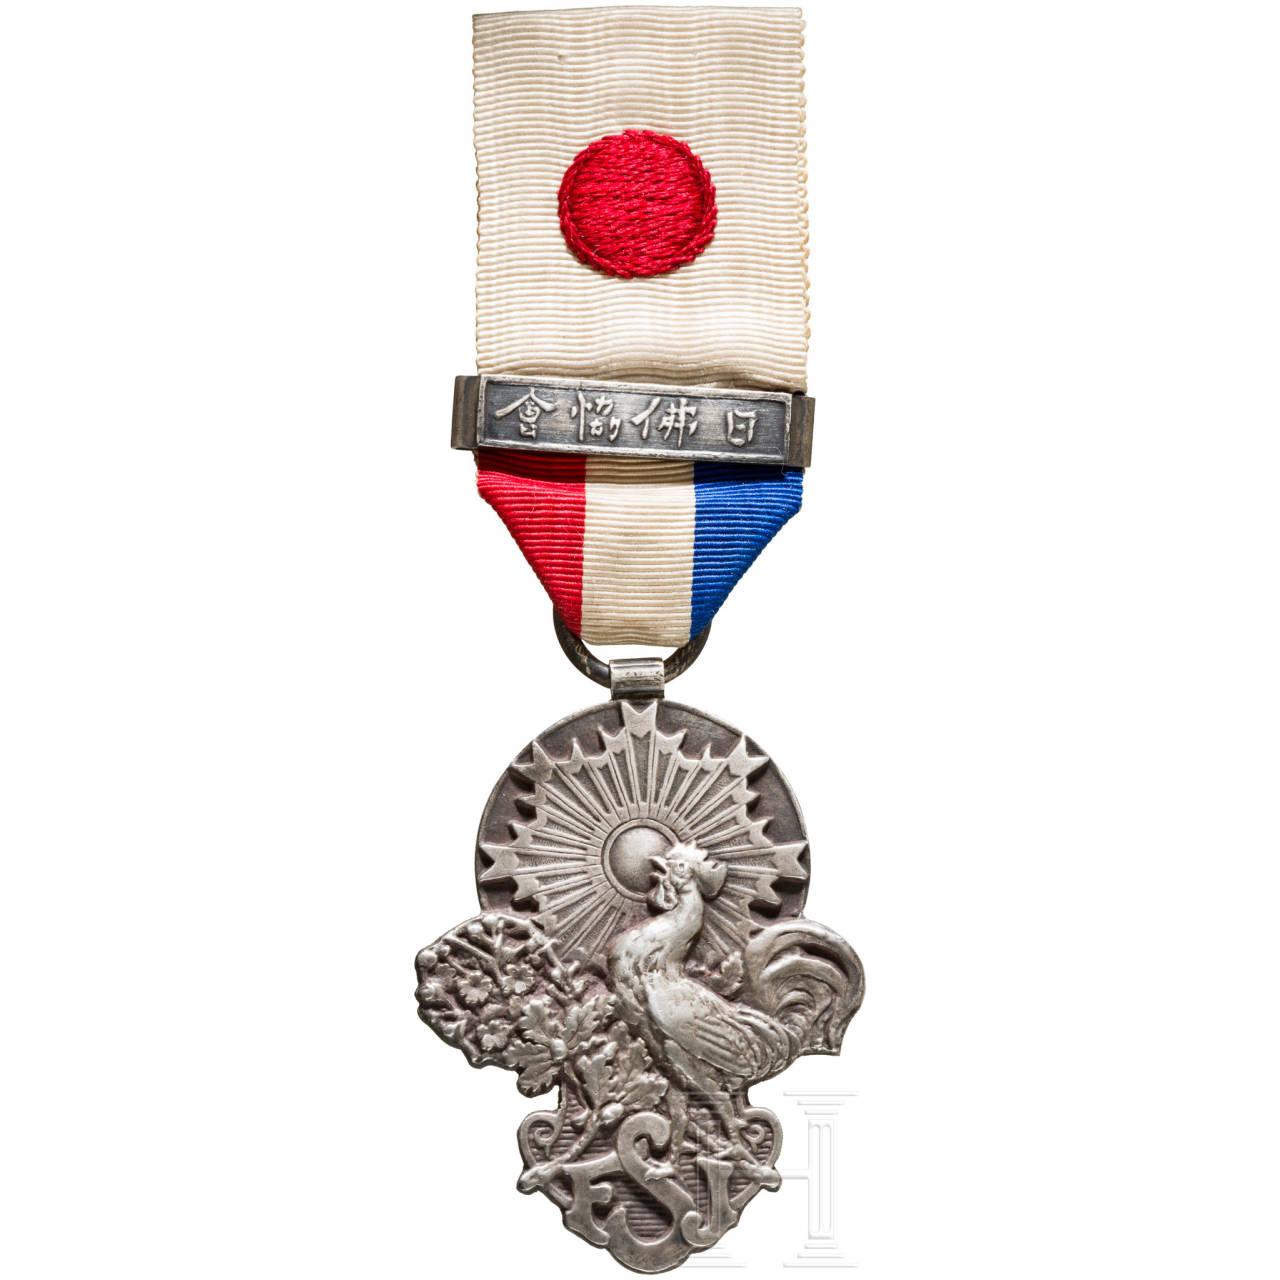 Medaille der Französisch-Japanischen Gesellschaft, Ende 19. Jhdt.